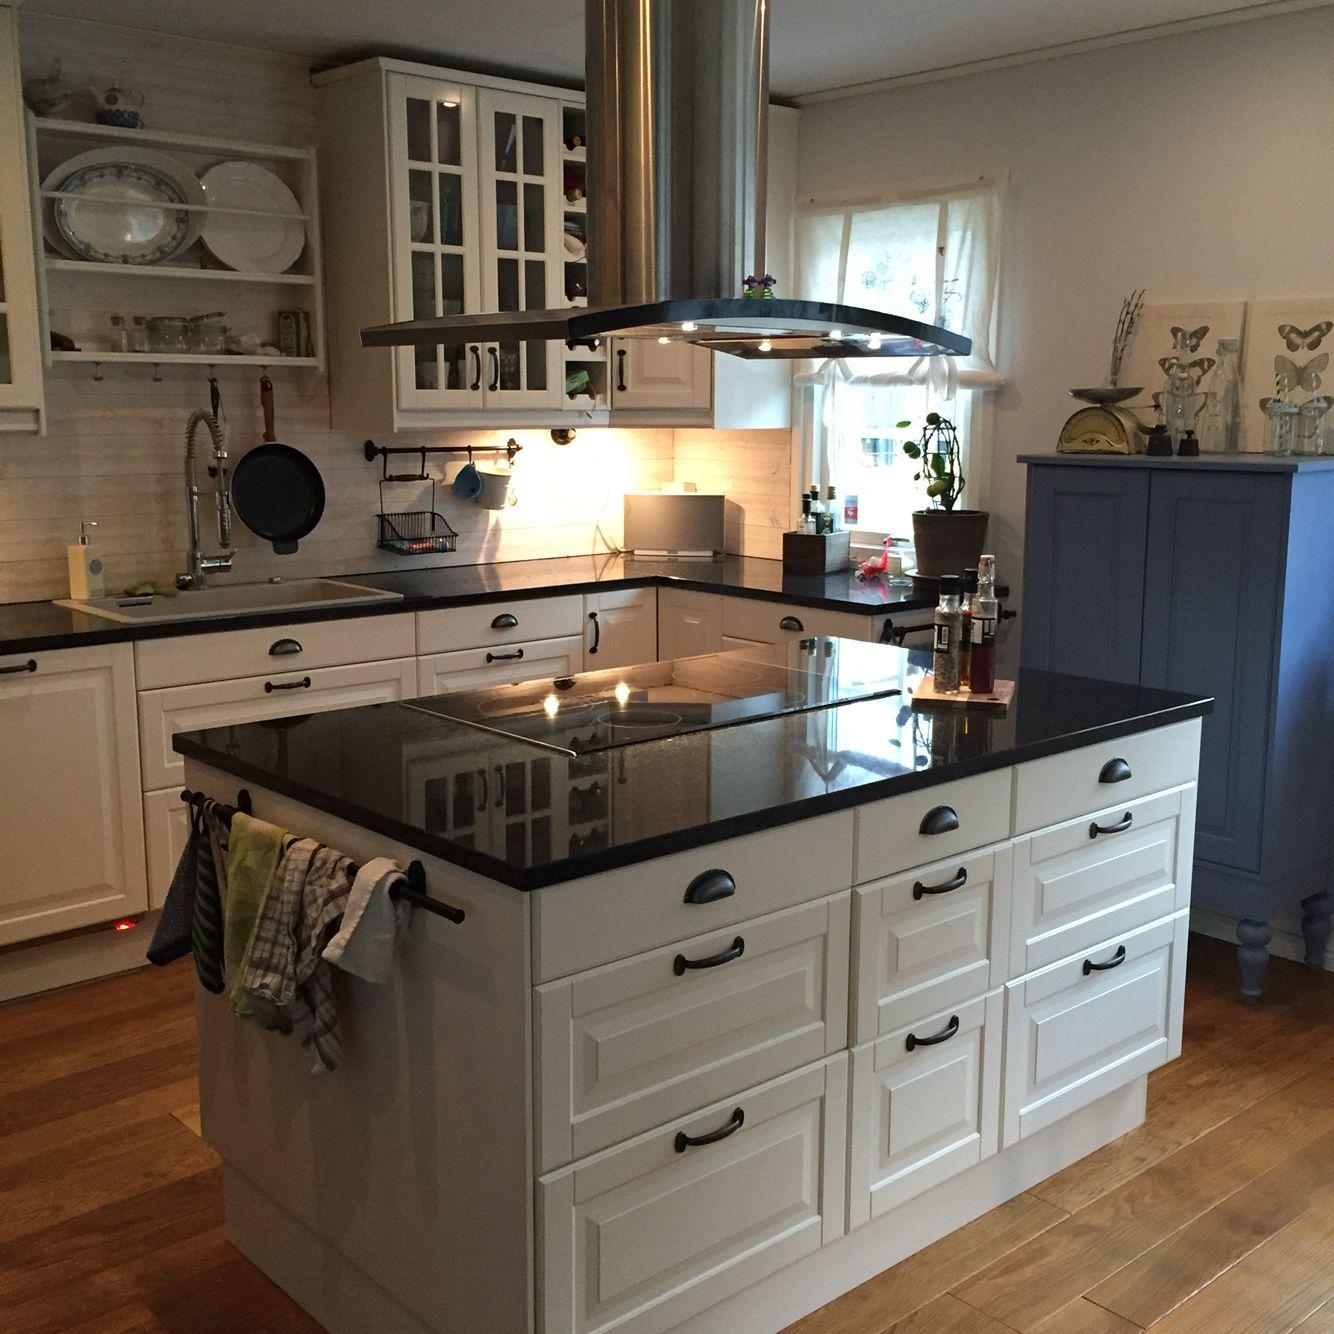 lvsbyhus h ner ikea k k ikeak k k ks v rt lvsbyhus h ner pinterest amenagement cuisine. Black Bedroom Furniture Sets. Home Design Ideas